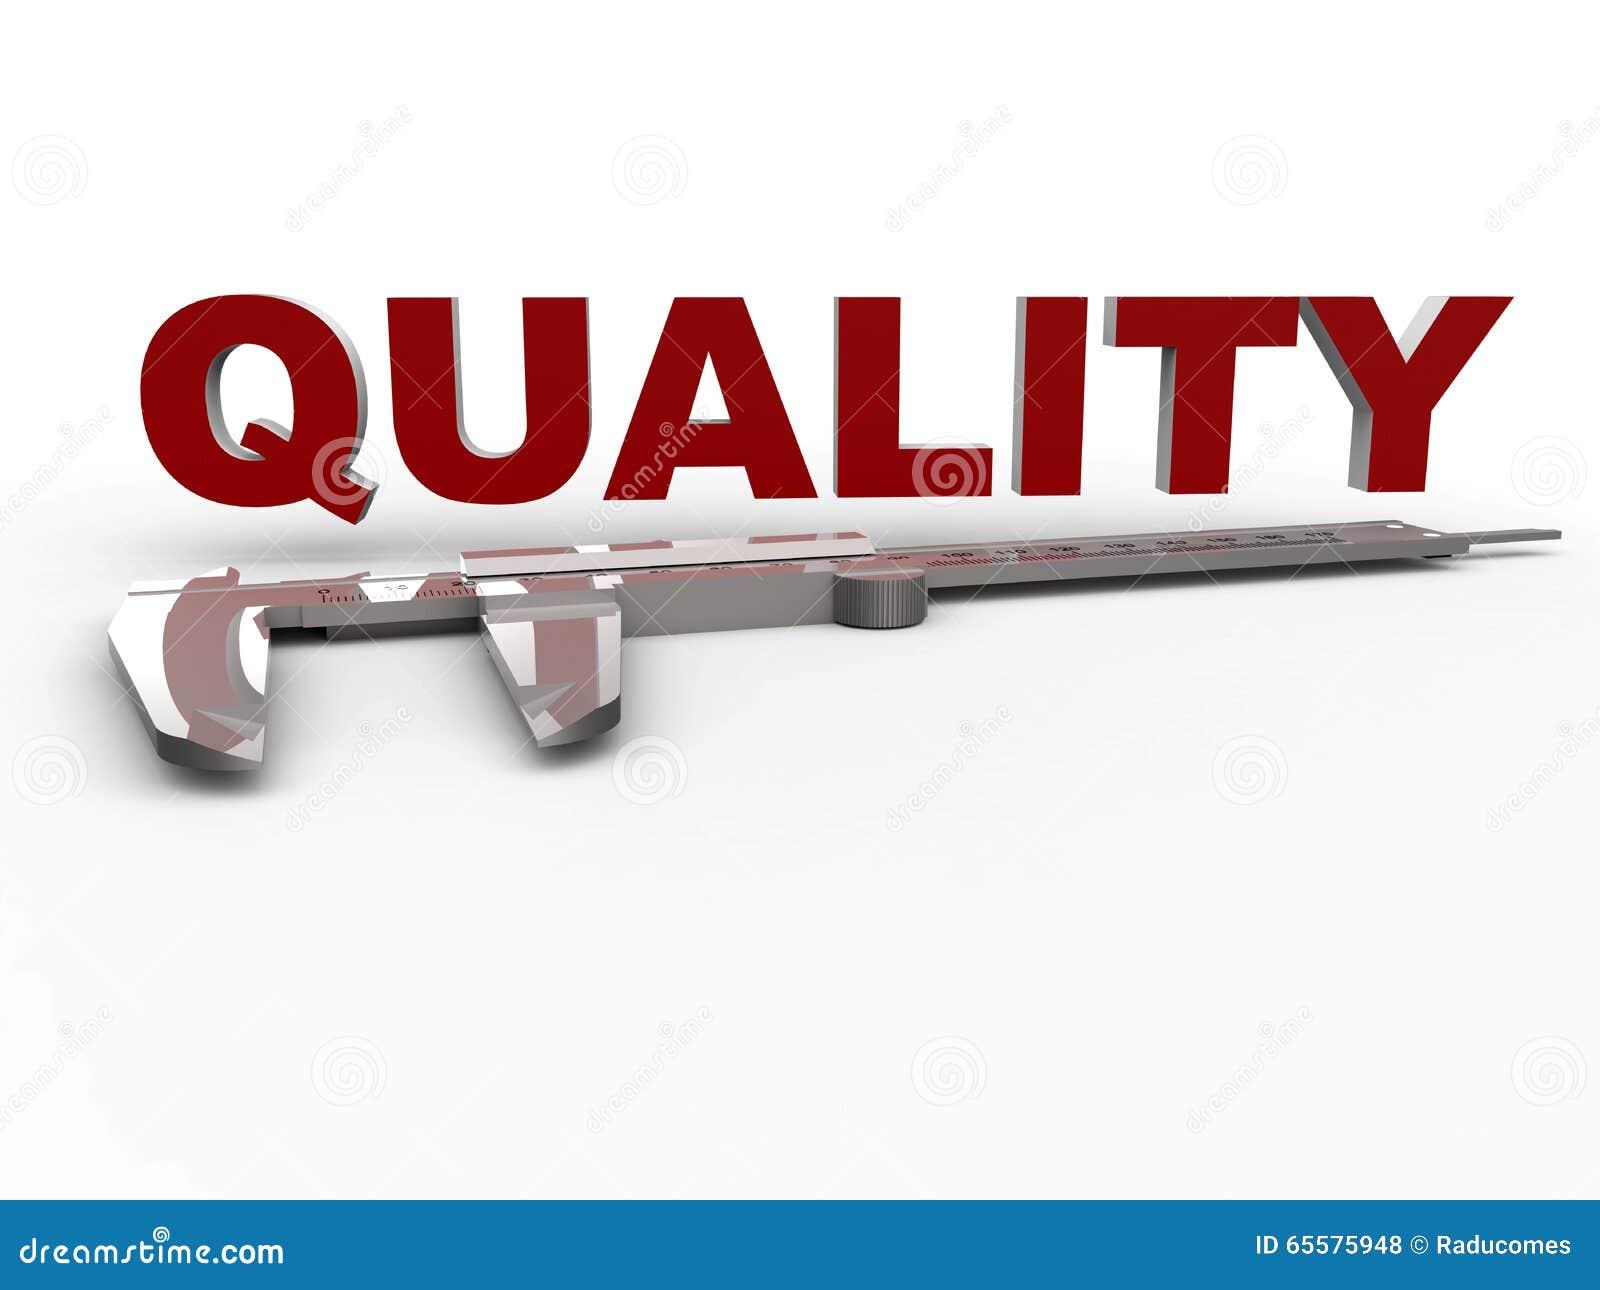 Da qualidade medida do conceito do compasso de calibre